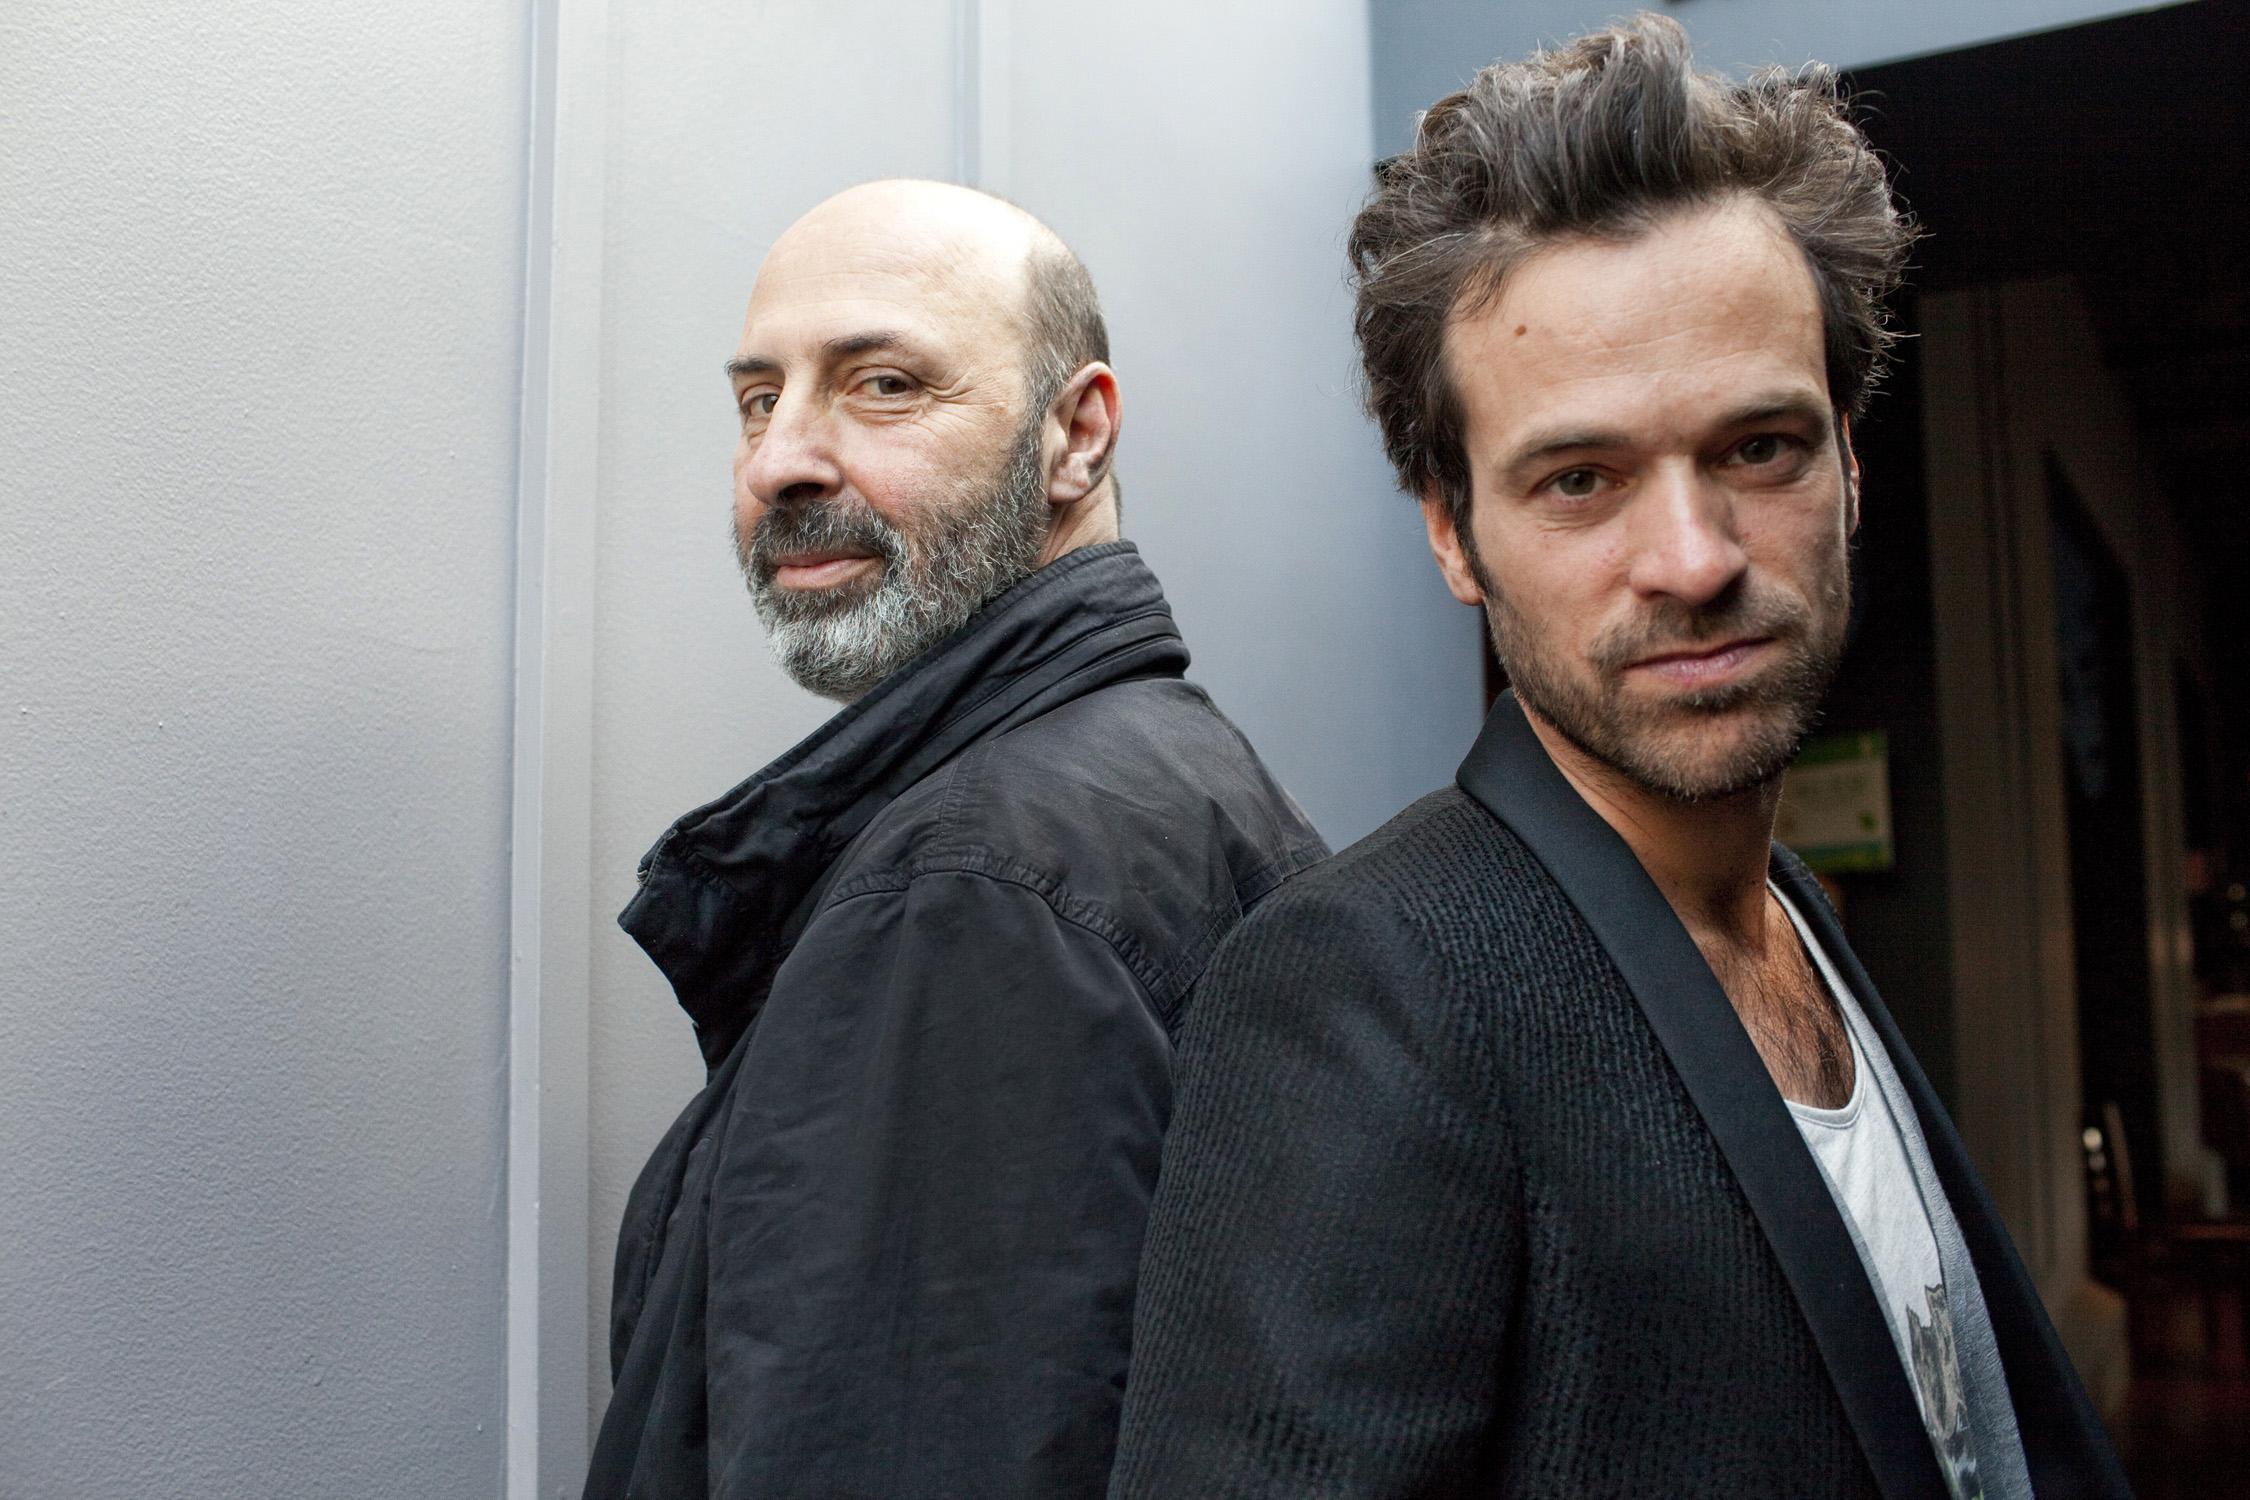 Director Cédric Klapisch and Actor Romain Duris